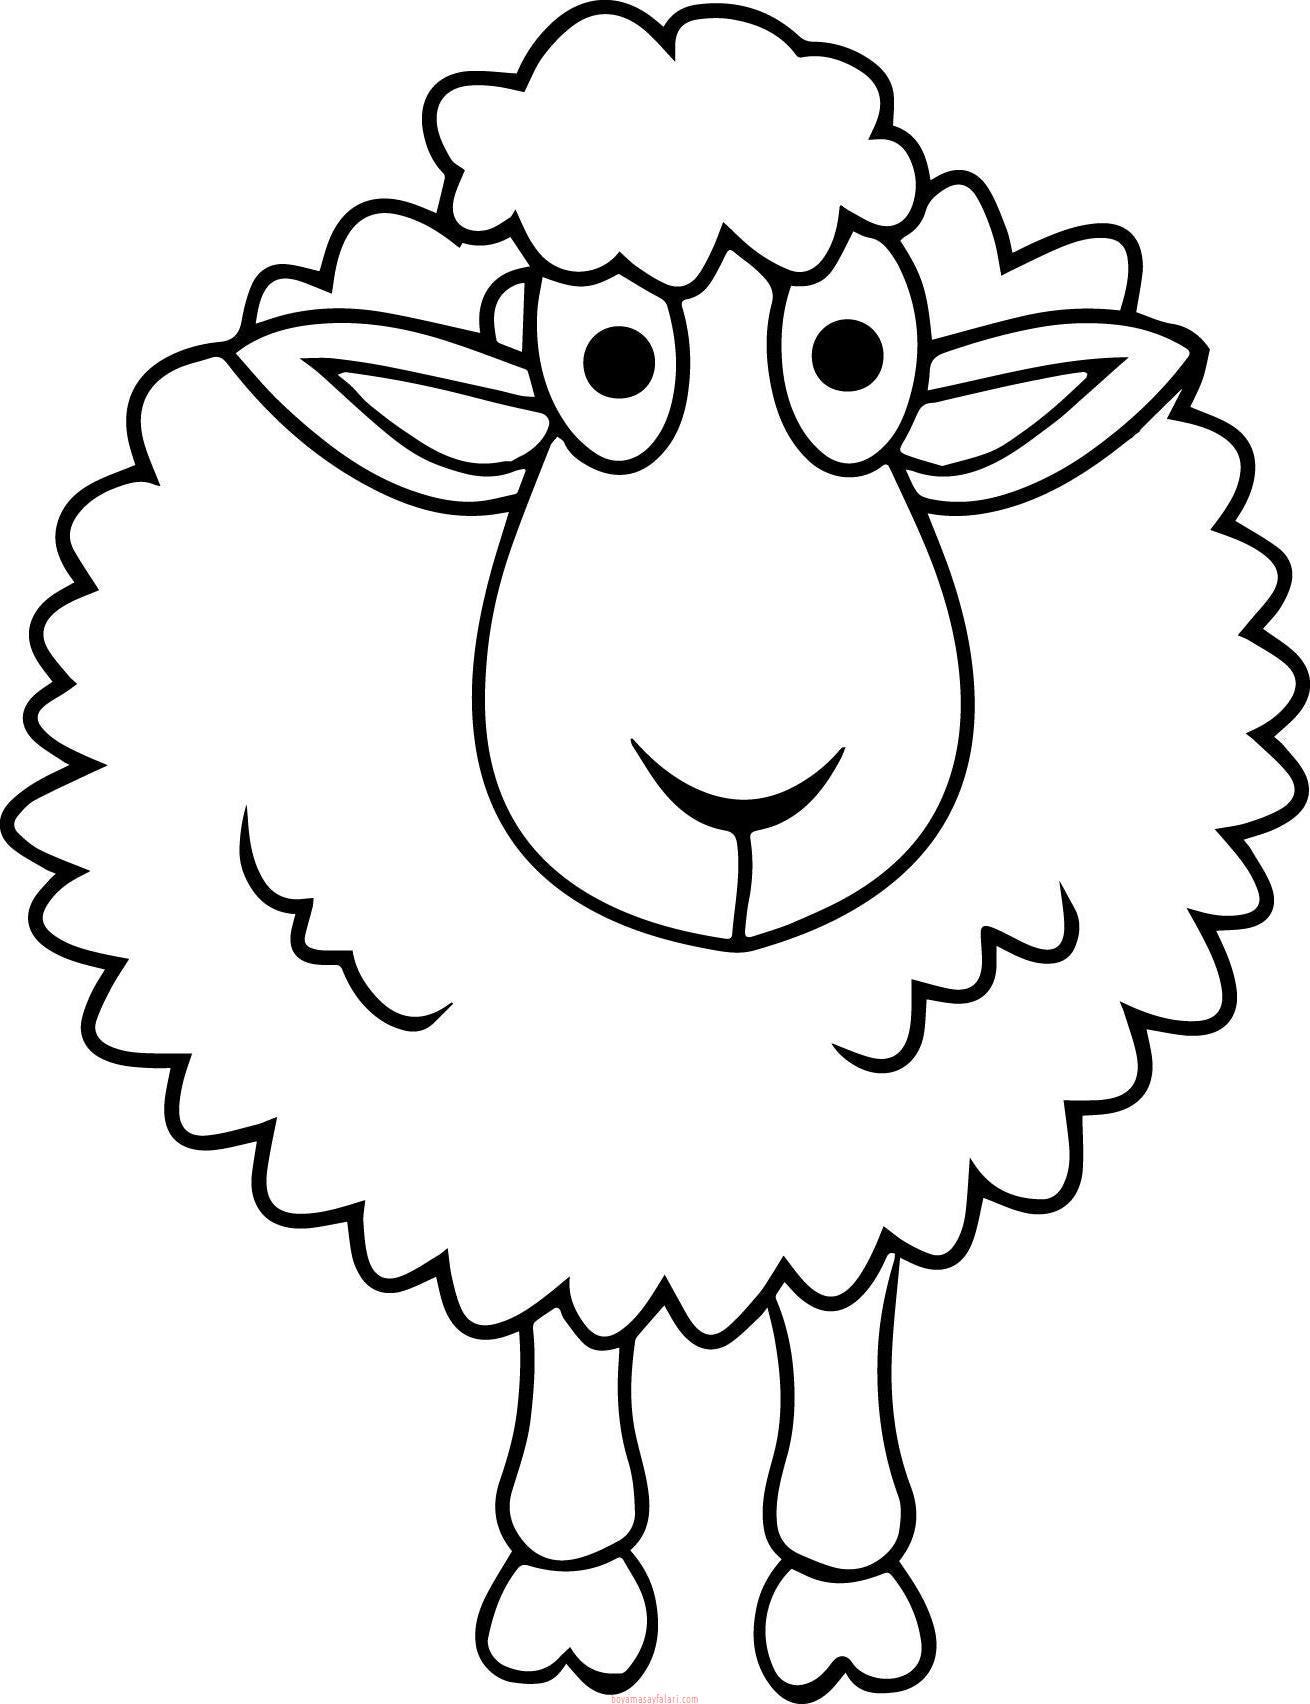 Koyun Boyama 9 Sınıf öğretmenleri Için ücretsiz özgün Etkinlikler